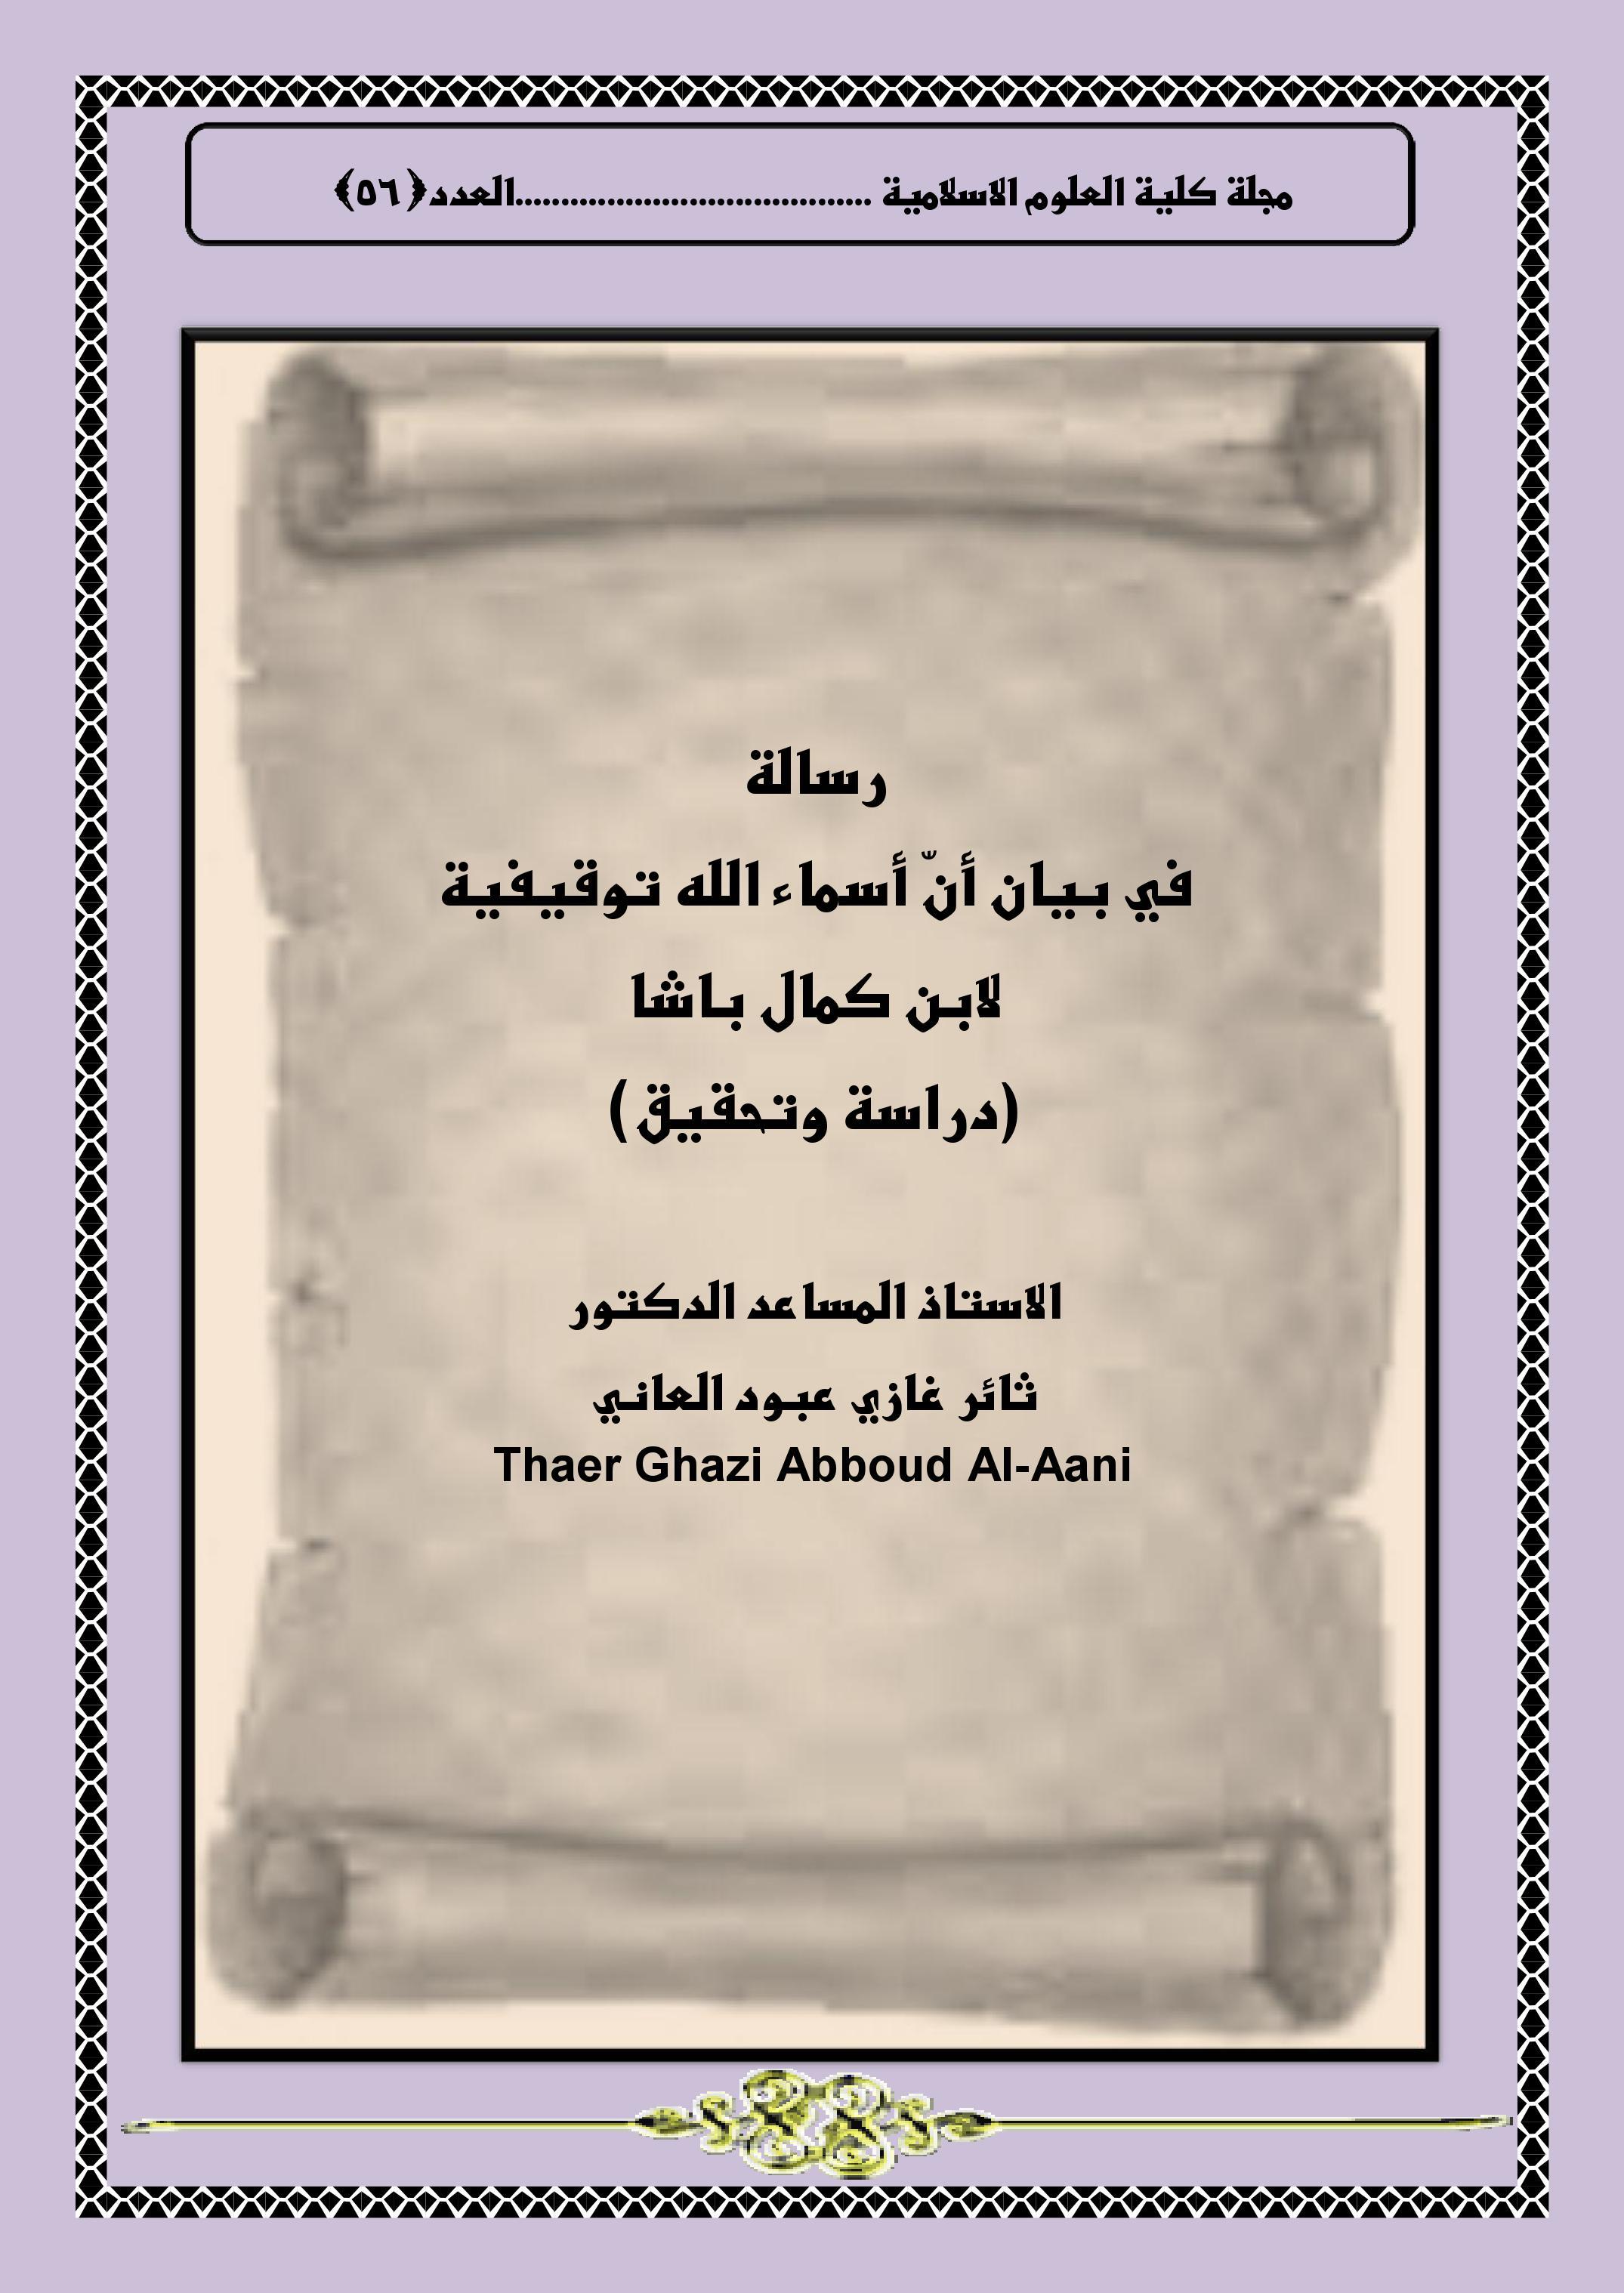 رسالة في بيان أنّ أسماء الله توقيفية لابن كمال باشا (دراسة وتحقيق)